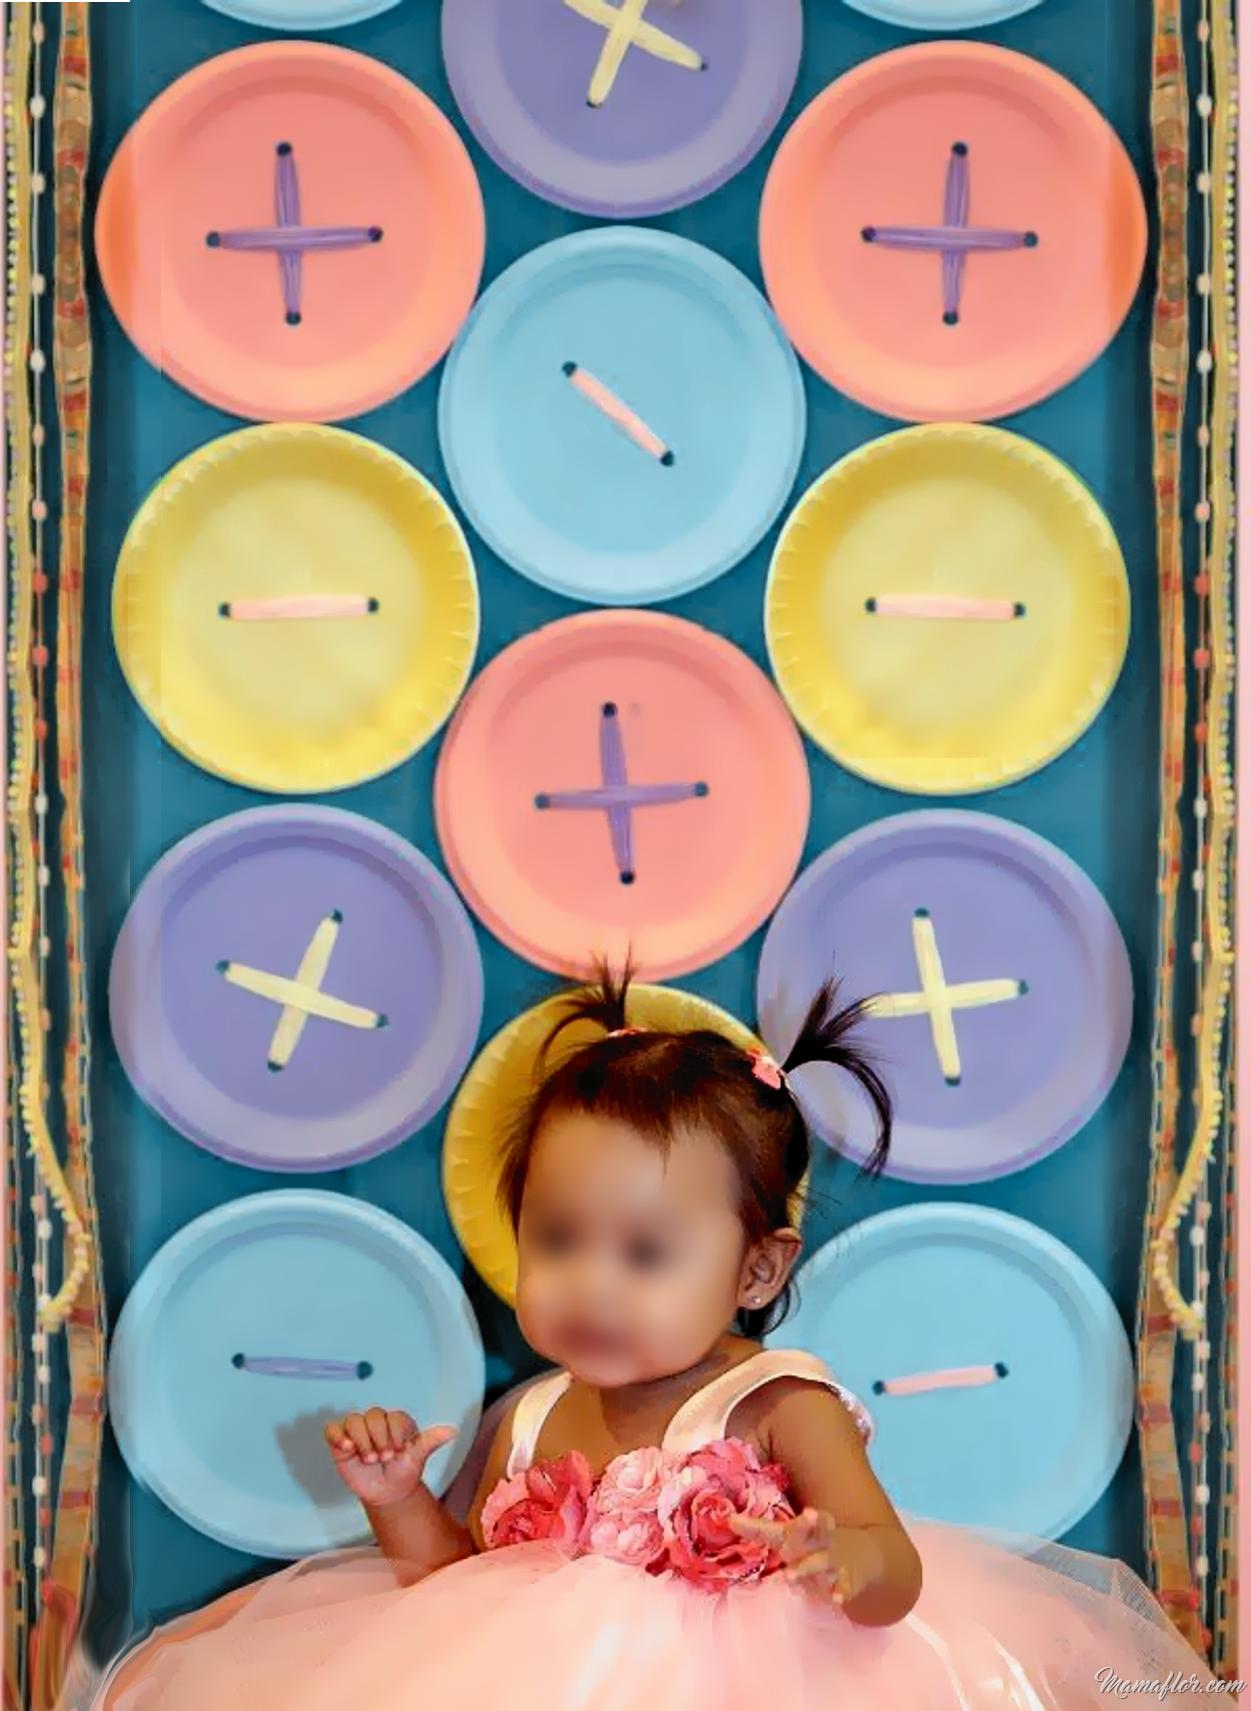 30 ideas para decorar con platos desechables - Decoracion de platos ...